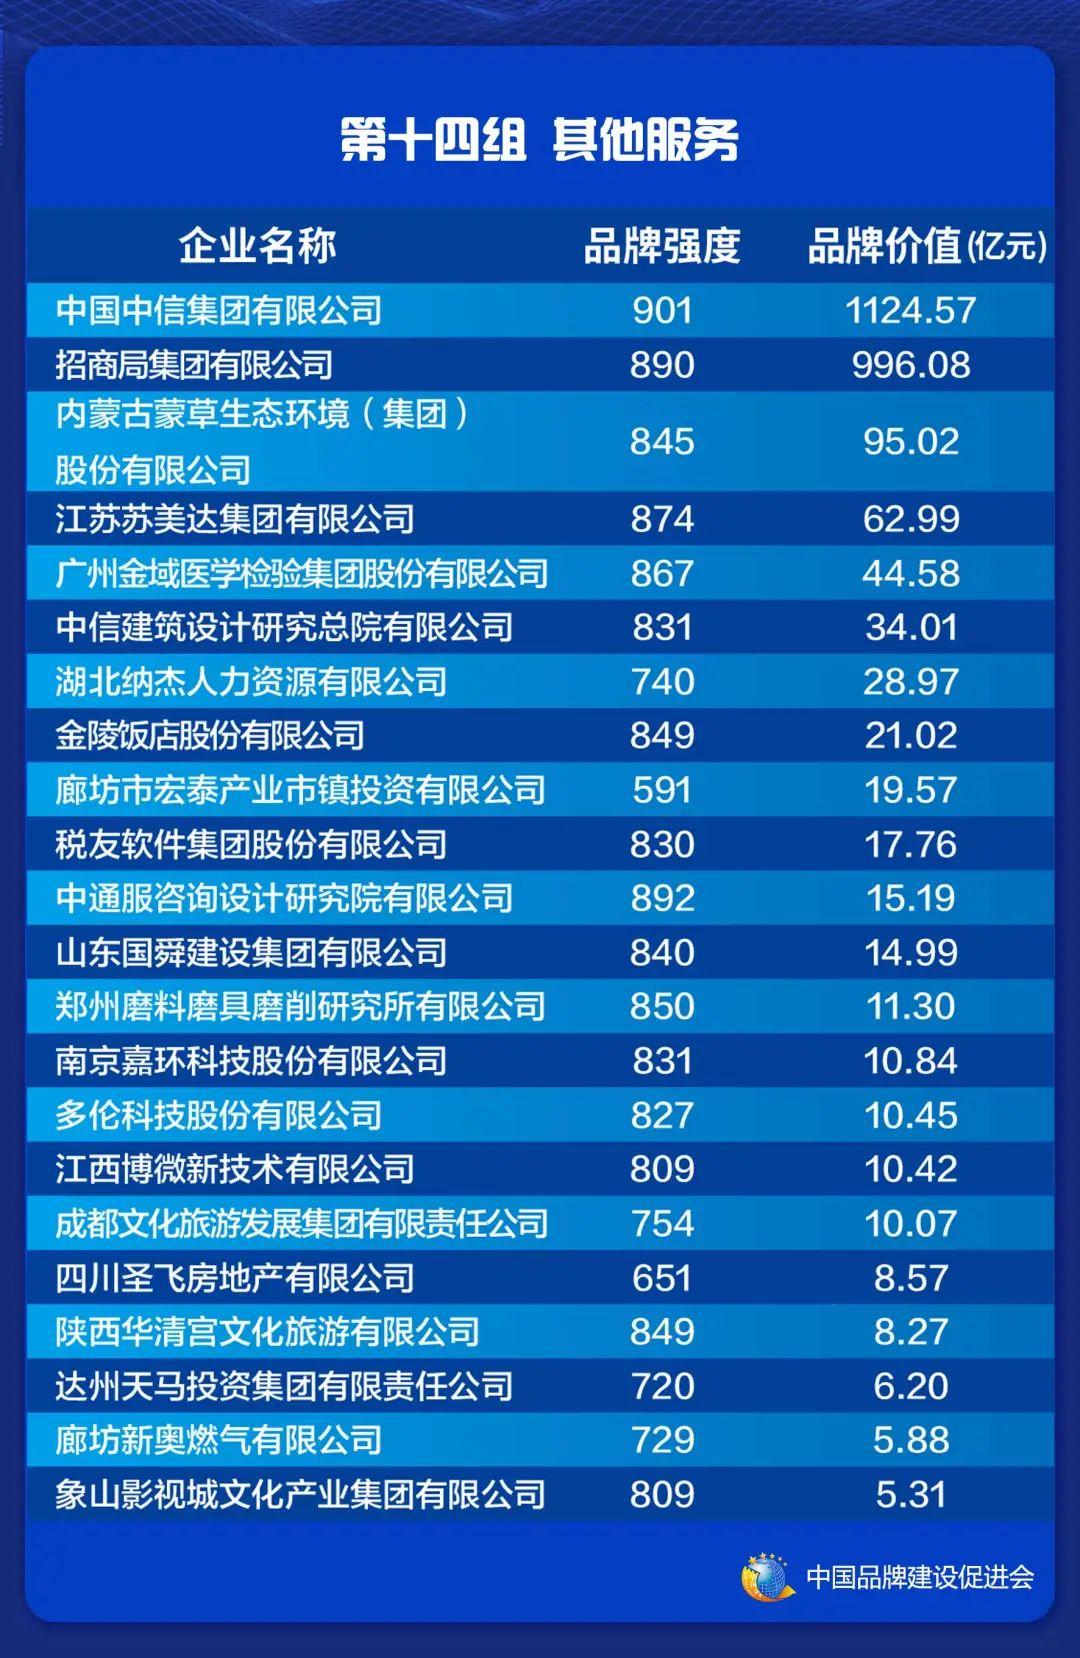 2021中国品牌价值评价信息在上海发布(图16)